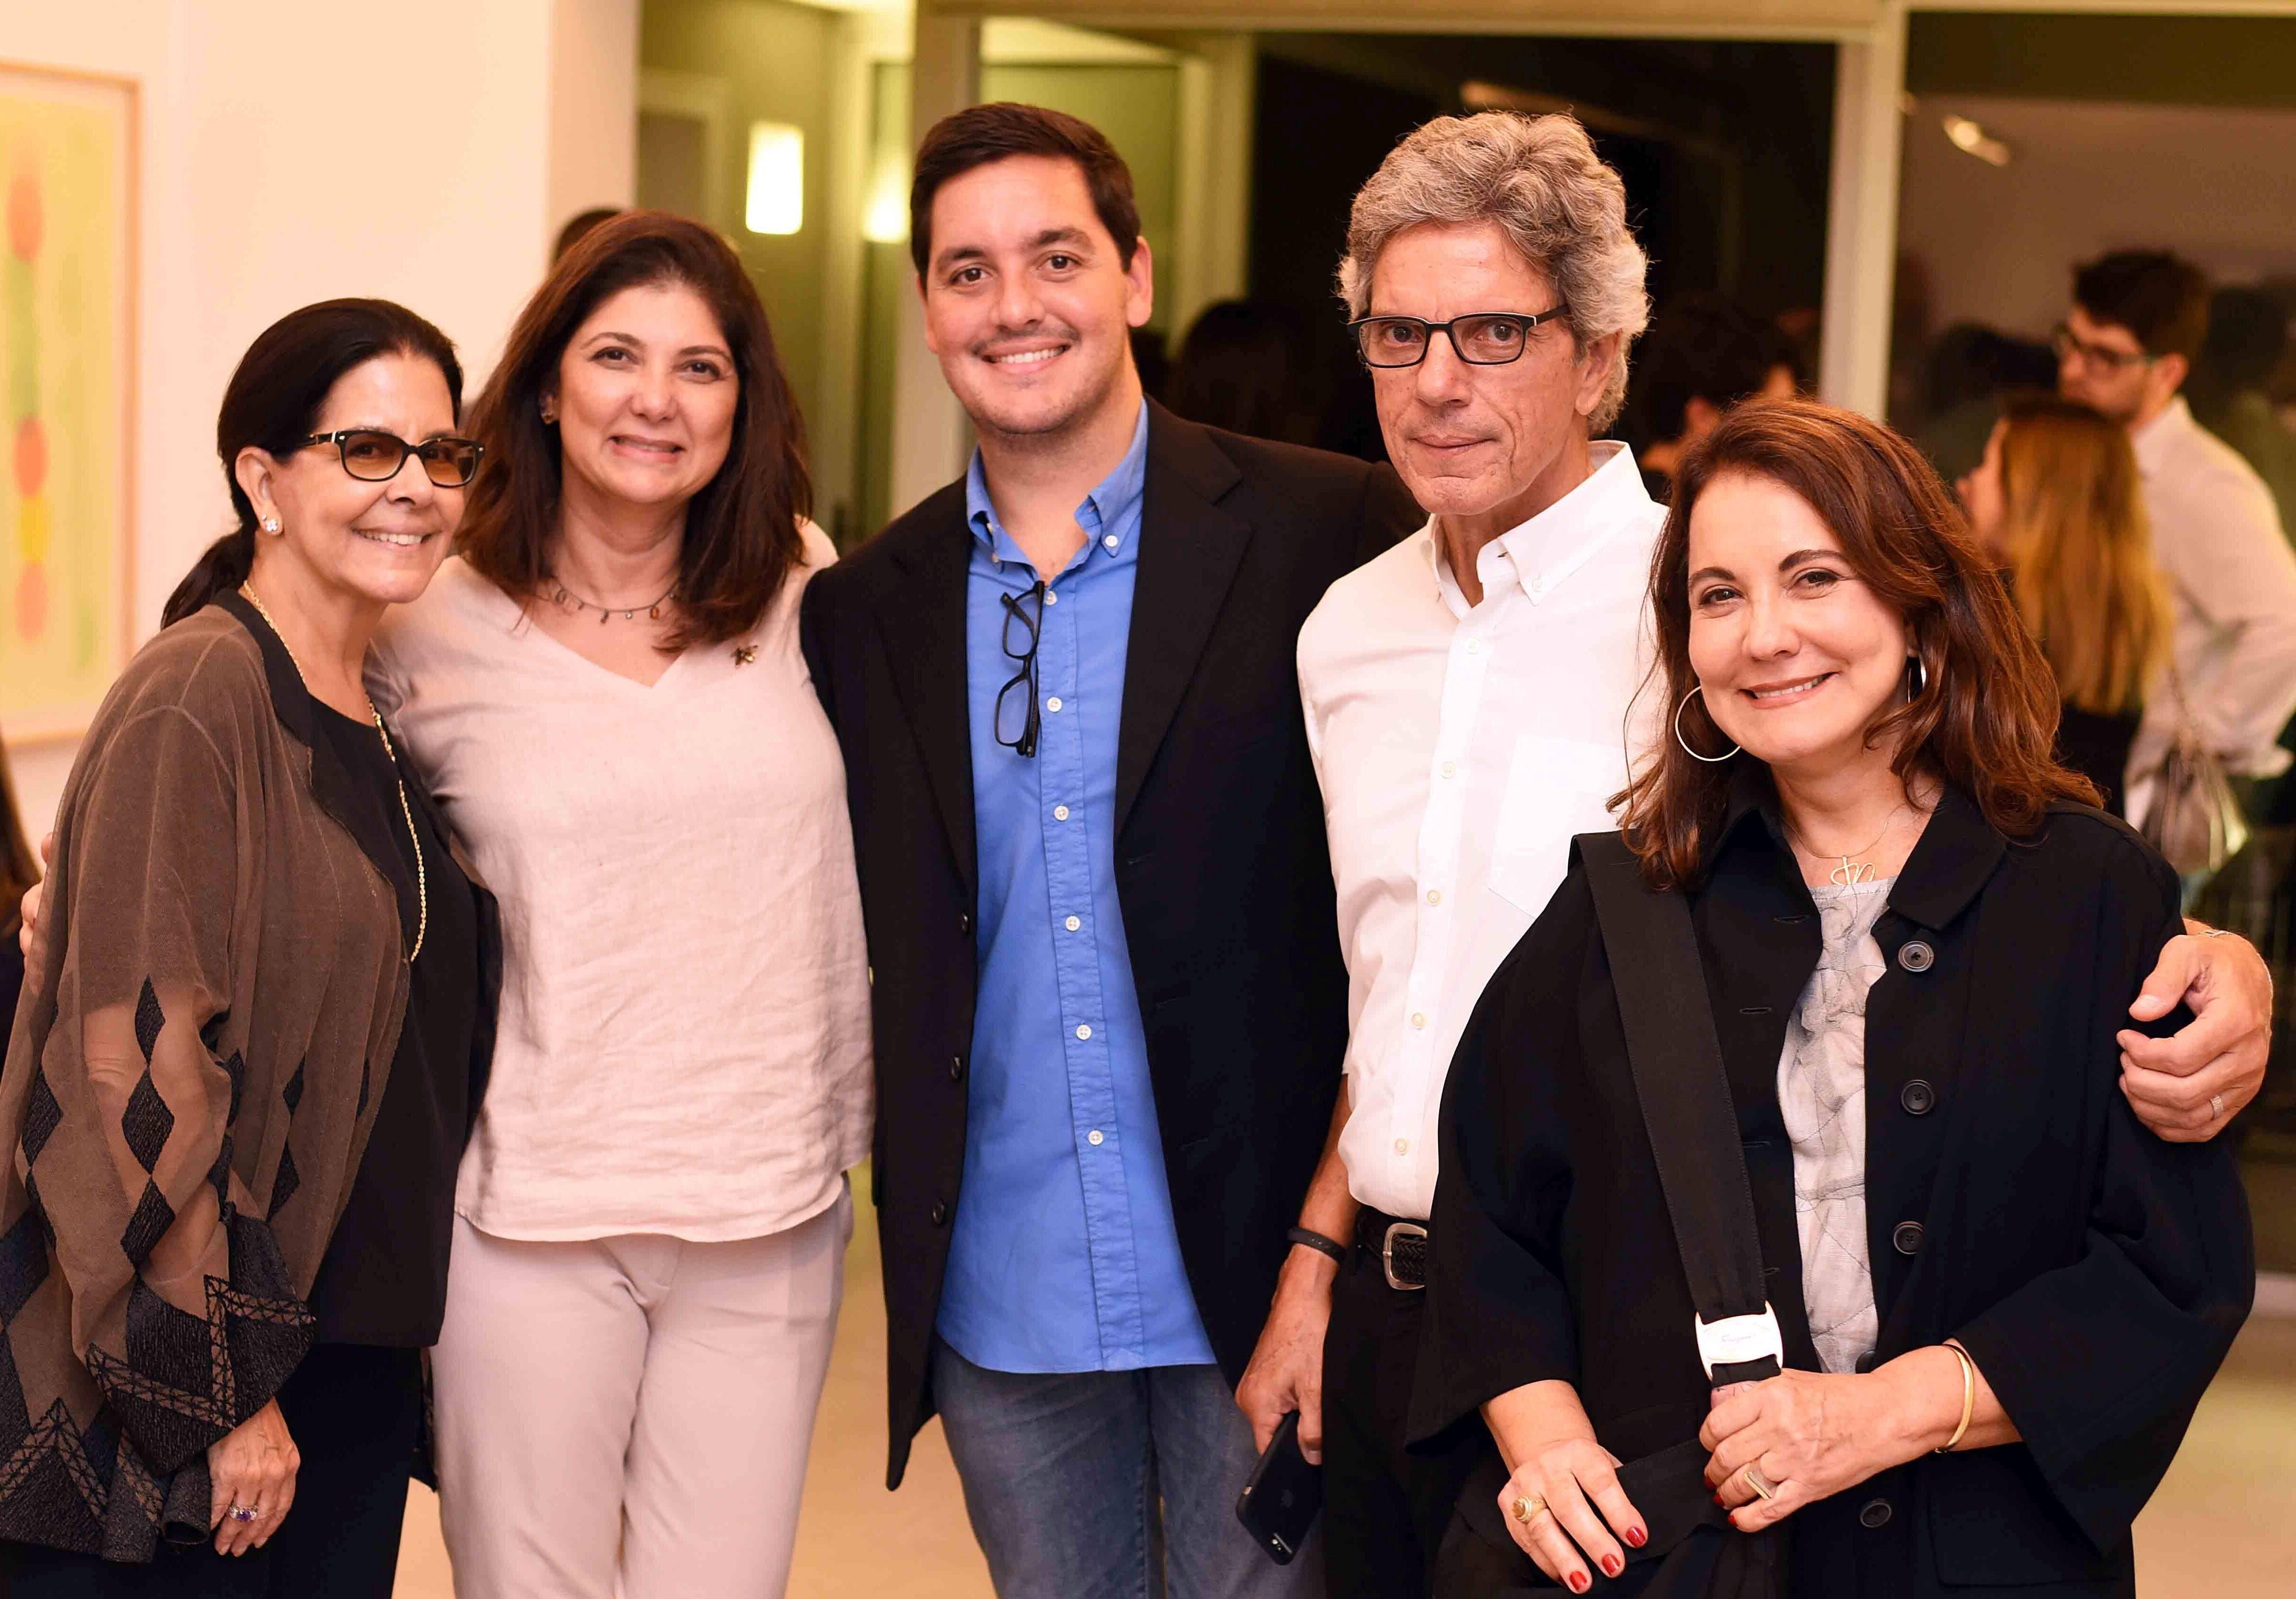 Lia Siqueira, Fernanda Pessoa de Queiroz, Felipe Siqueira Cavalcanti, João Ricardo Cavalcanti e Rosane Lavigne/ Foto: Ari Kaye